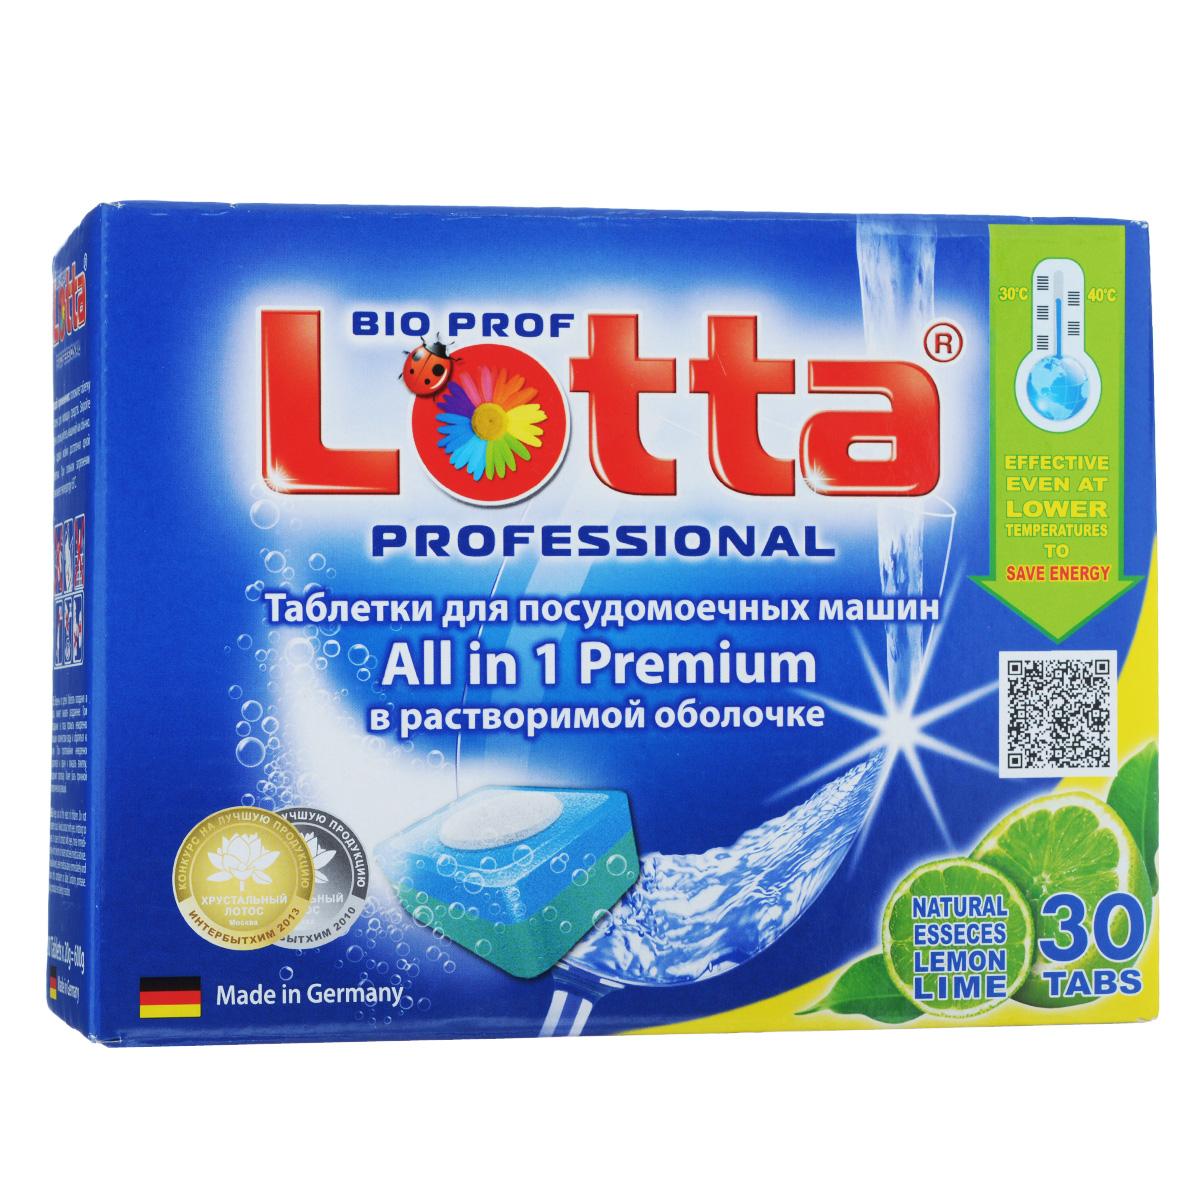 Таблетки для посудомоечных машин Lotta All in 1 Premium, c ароматом лимона, 30 шт790009Применение таблеток Lotta All in 1 Premium облегчает использование посудомоечных машин. Содержание активного кислорода и специального энзимного комплекса эффективно удаляет стойкие загрязнения, жирные пятна и предотвращает появления накипи. Специальные добавки смягчают воду. Таблетки придают идеальный блеск и чистоту посуде, защищают хрусталь и стекло от потускнения. Эффективны даже при низкой температуре. Достаточно поместить одну таблетку в дозатор посудомоечной машины и посуда приобретает идеальную чистоту и свежесть, без разводов и пятен.Вес одной таблетки: 20 г.Количество таблеток в упаковке: 30 шт.Состав: триполифосфат натрия - более 30%; карбонат натрия, бикарбонат натрия - 15-30%; перкарбонат натрия - 5-15%; силикат натрия, поликарбоксилаты, неионные ПАВ, ТАЕД, энзимы, фосфонаты, отдушка, краситель - менее 5% растворимая оболочка.Товар сертифицирован.